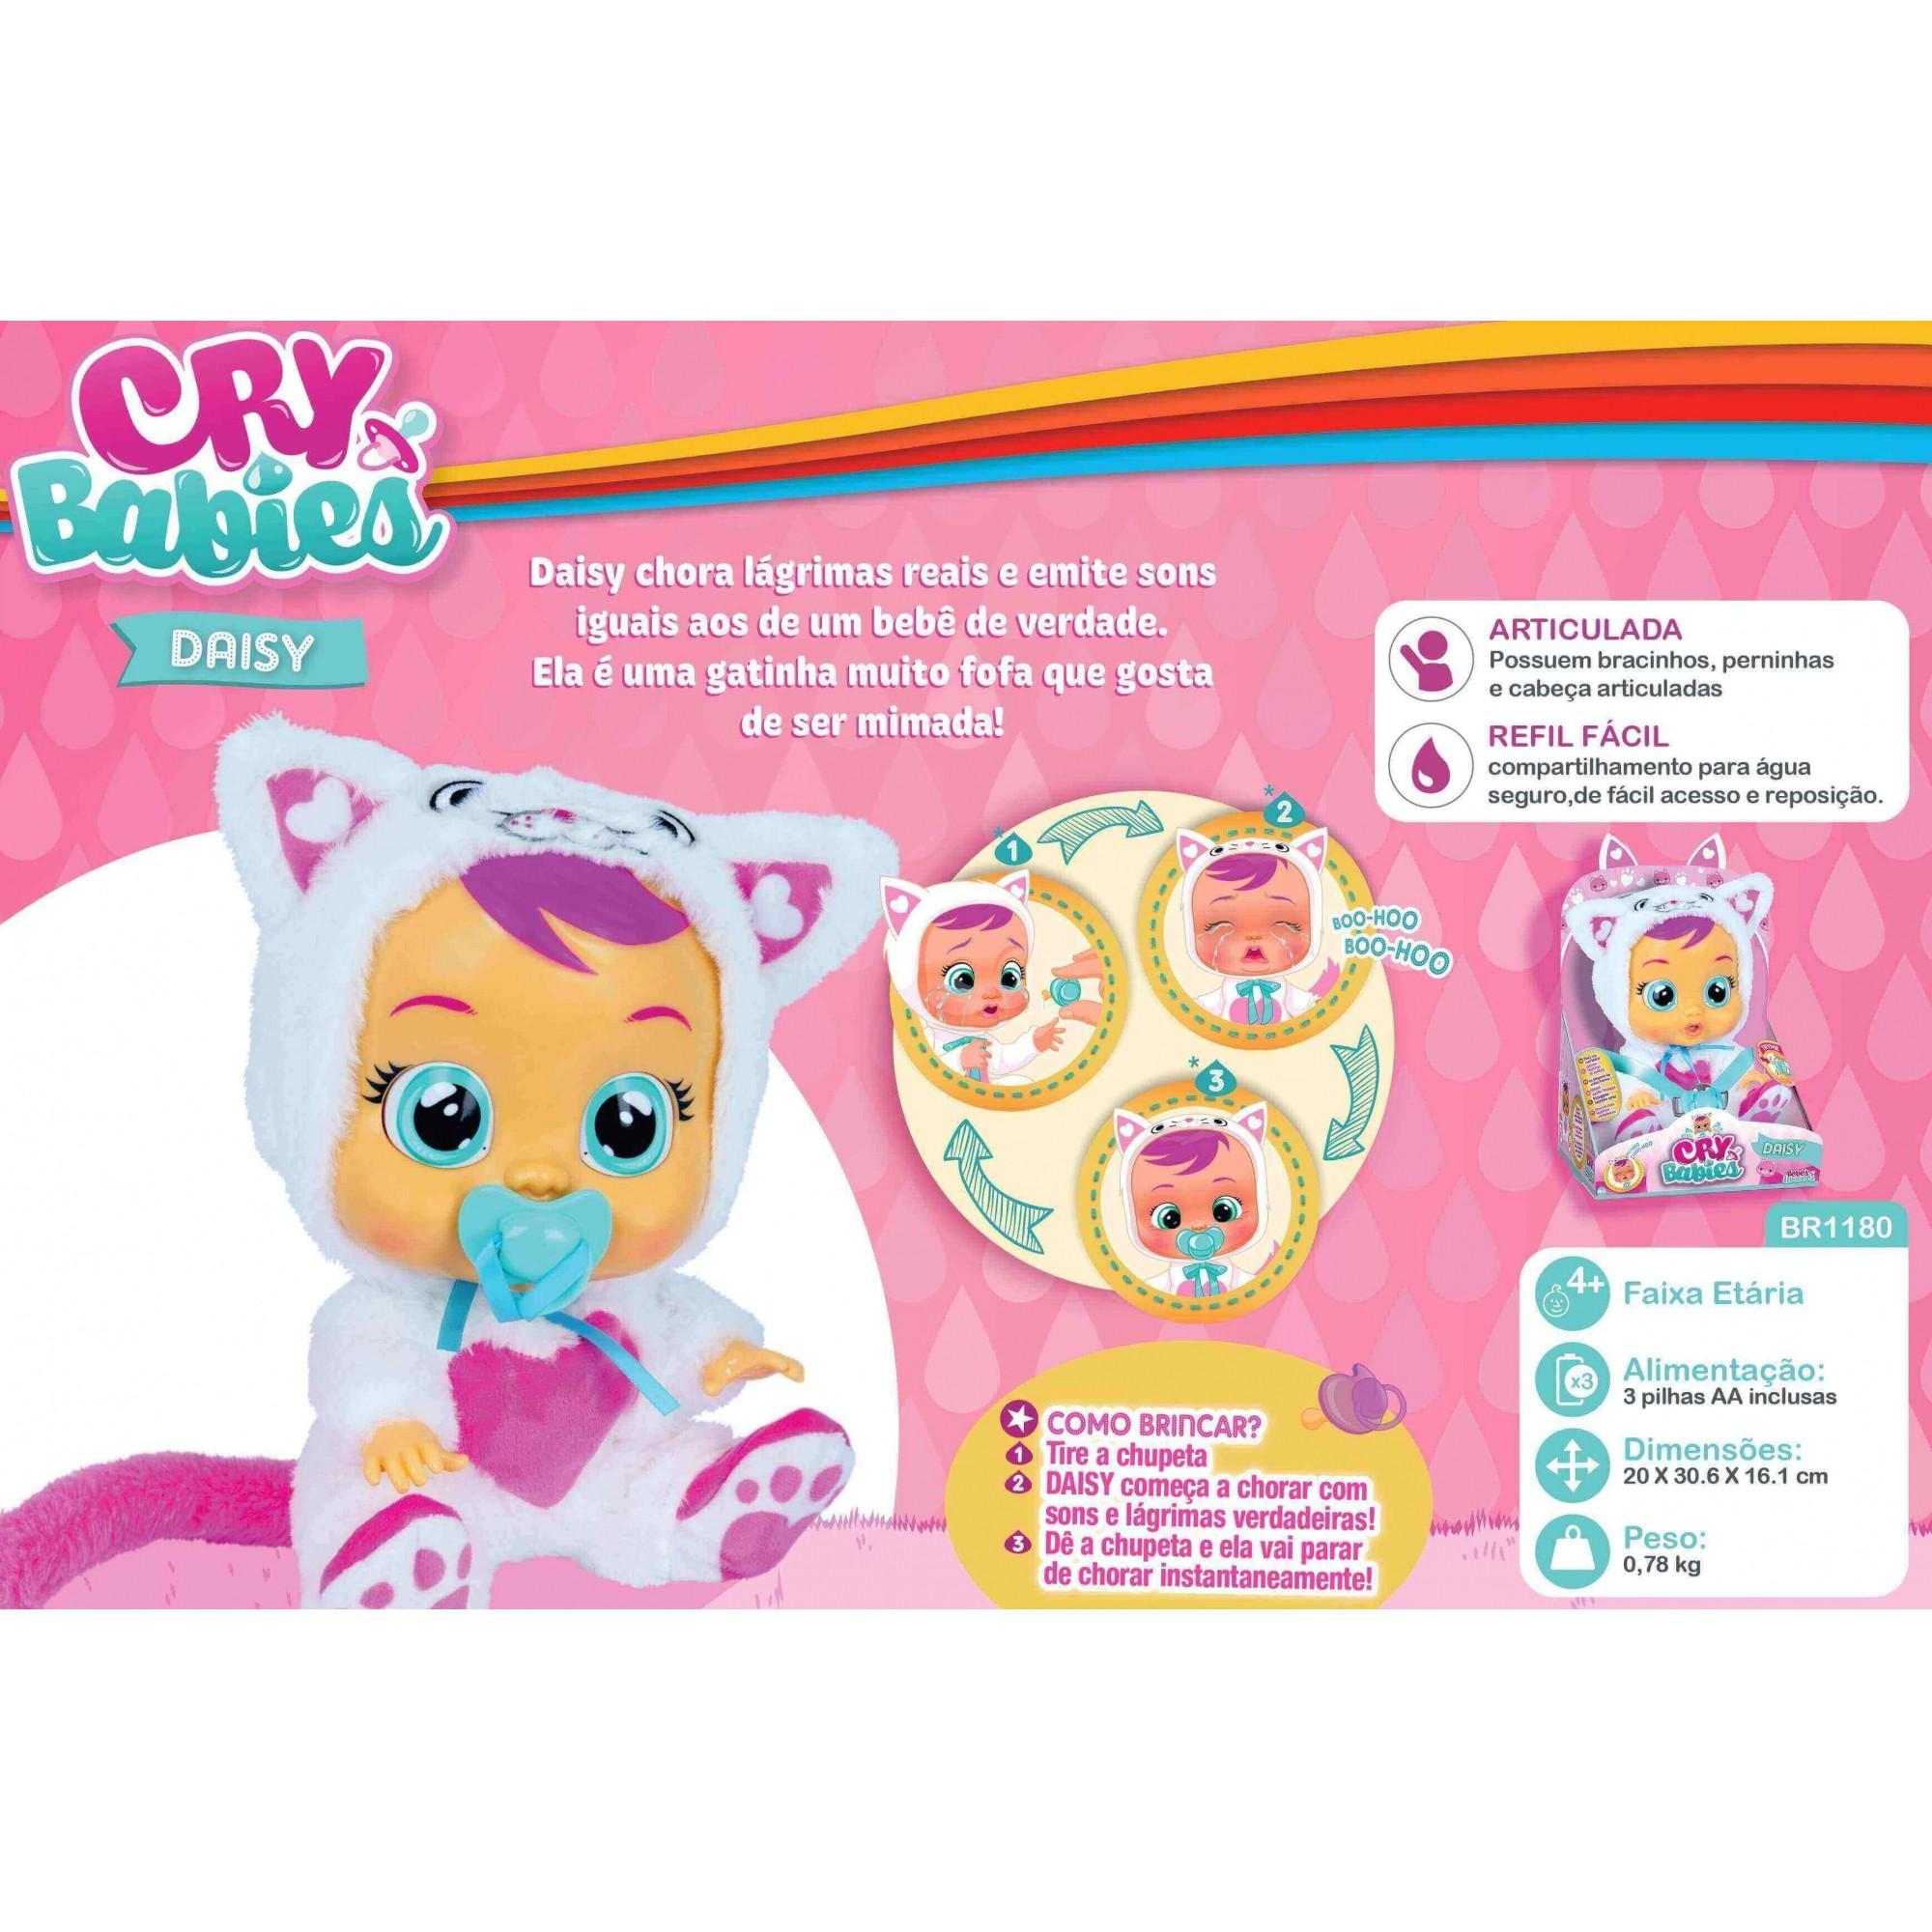 Boneca CryBabies Daisy BR1180 Multilaser